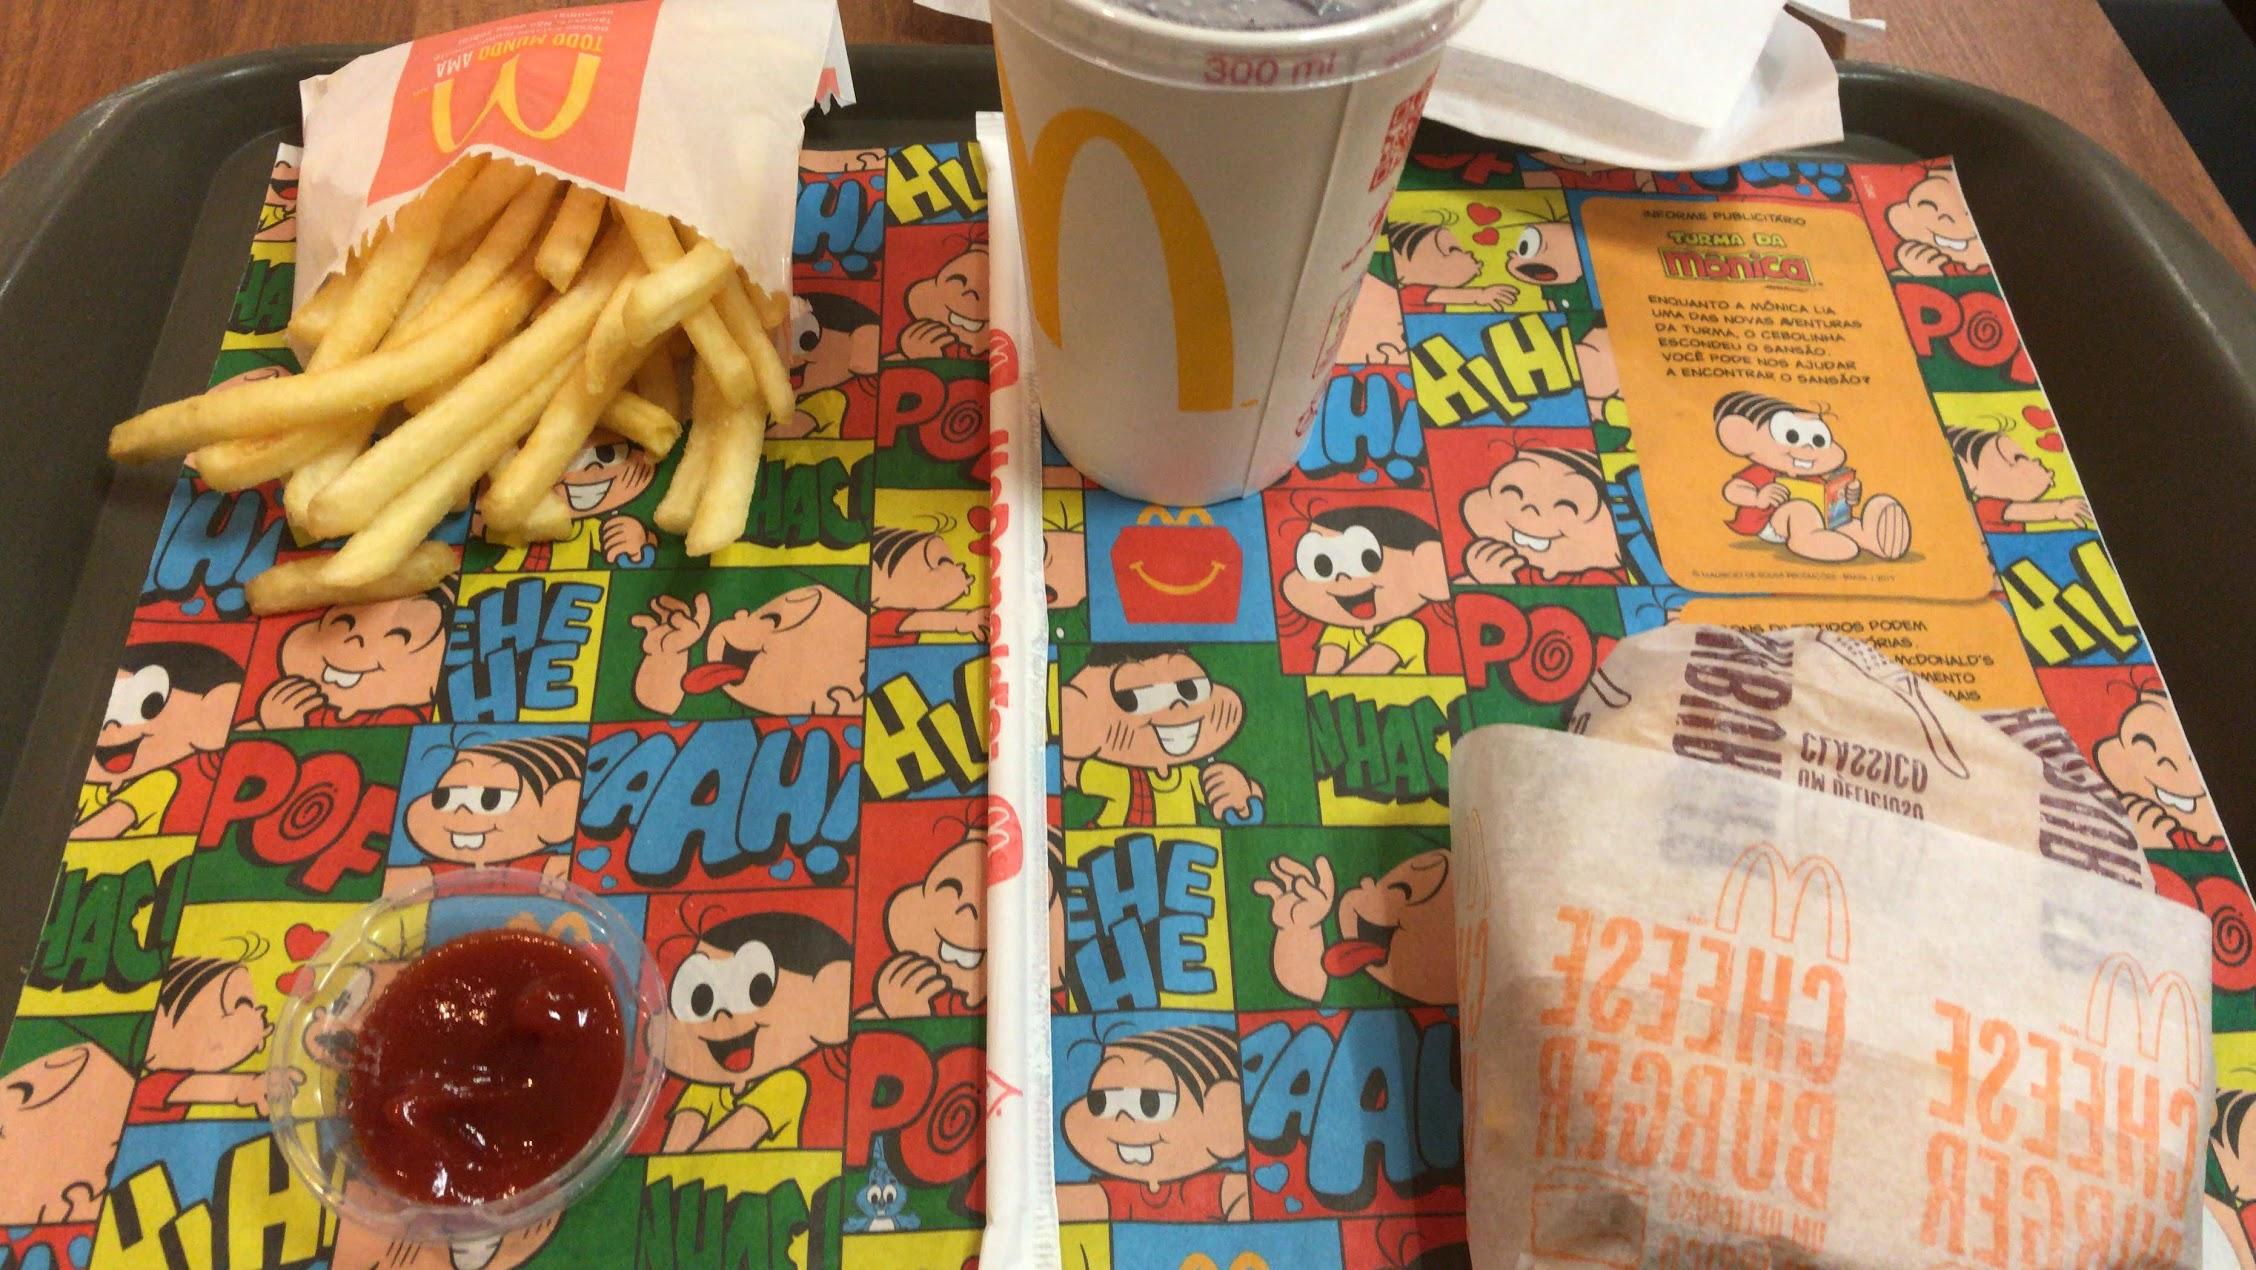 Ronald McDonald me salvou em alguns almoços